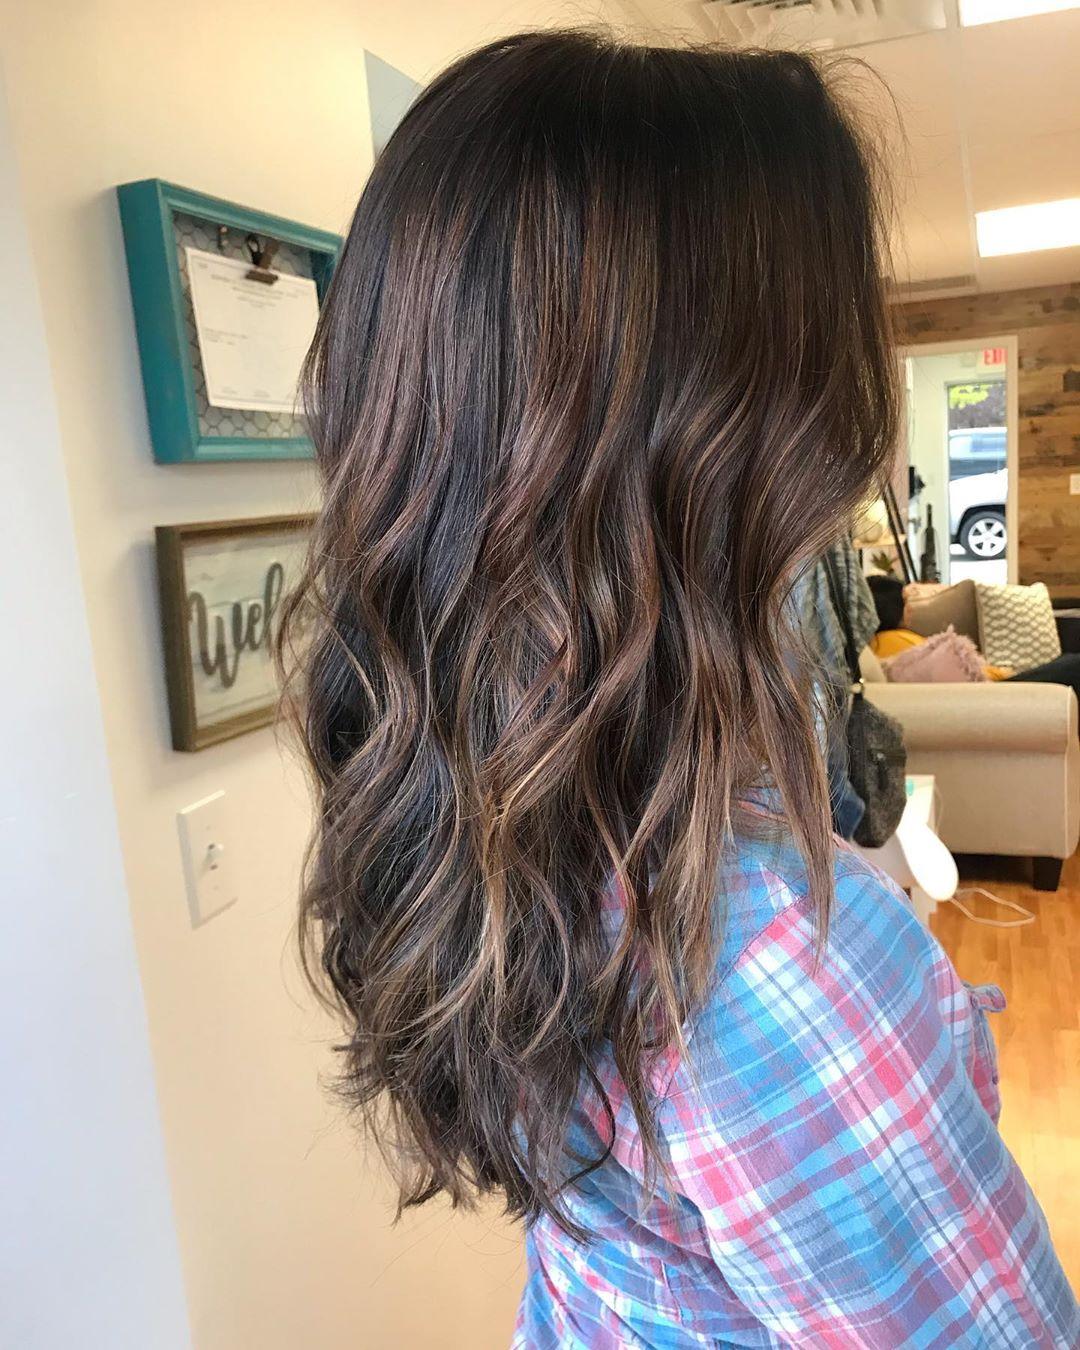 тенденции окрашивания волос 2019 года фото 8